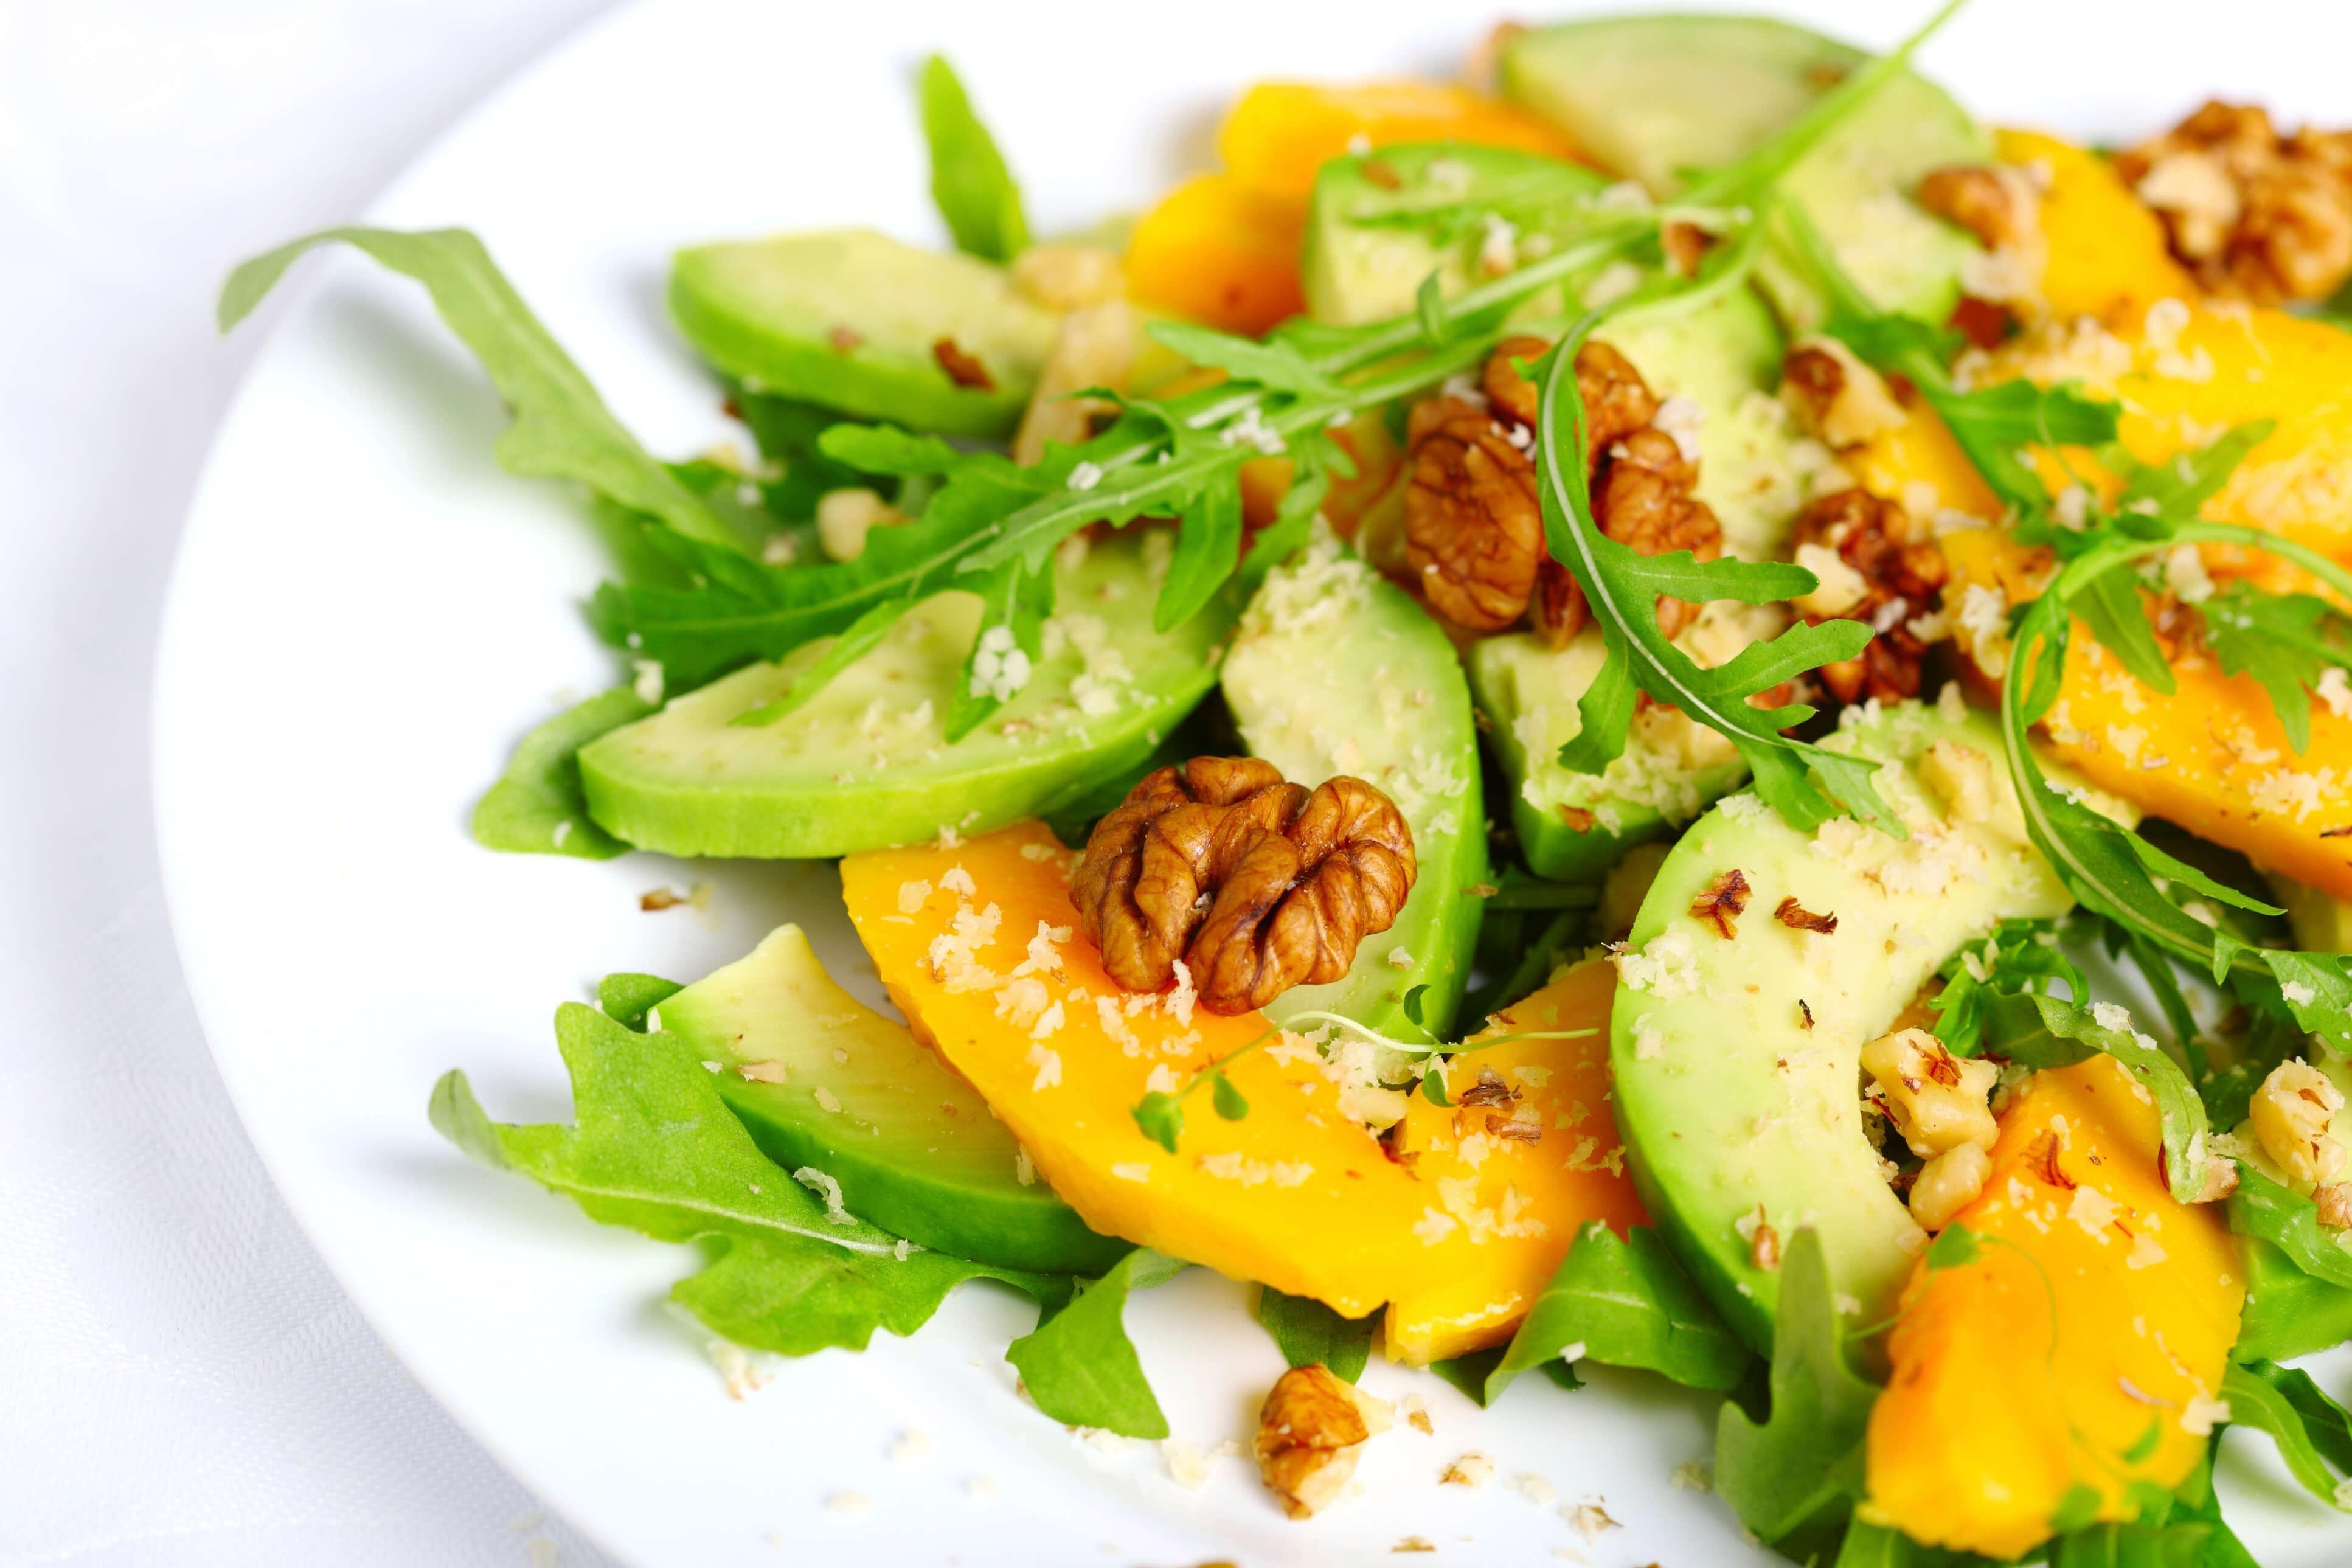 Ensalada de frutos secos y queso fresco